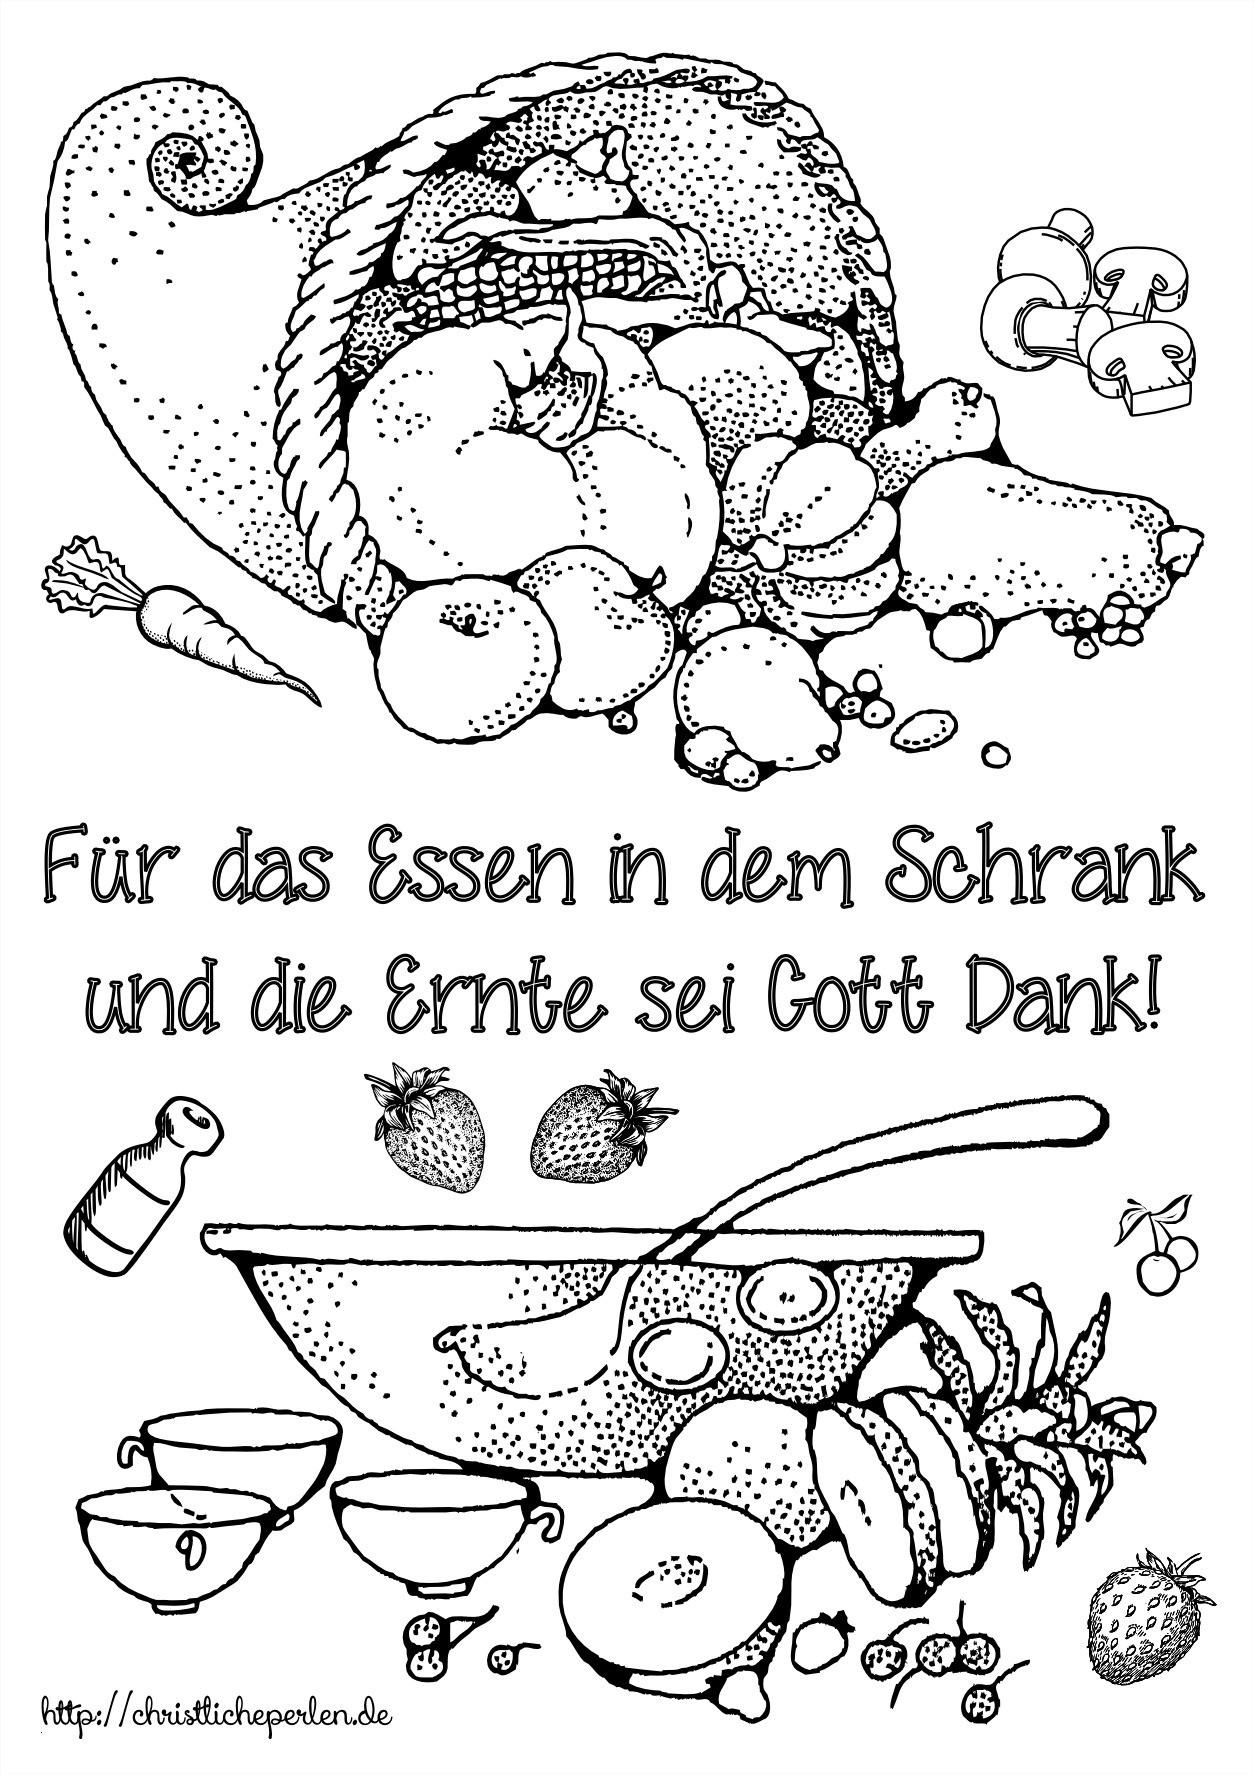 Smileys Zum Ausmalen Einzigartig Malvorlagen Igel Best Igel Grundschule 0d Archives Uploadertalk Fotos